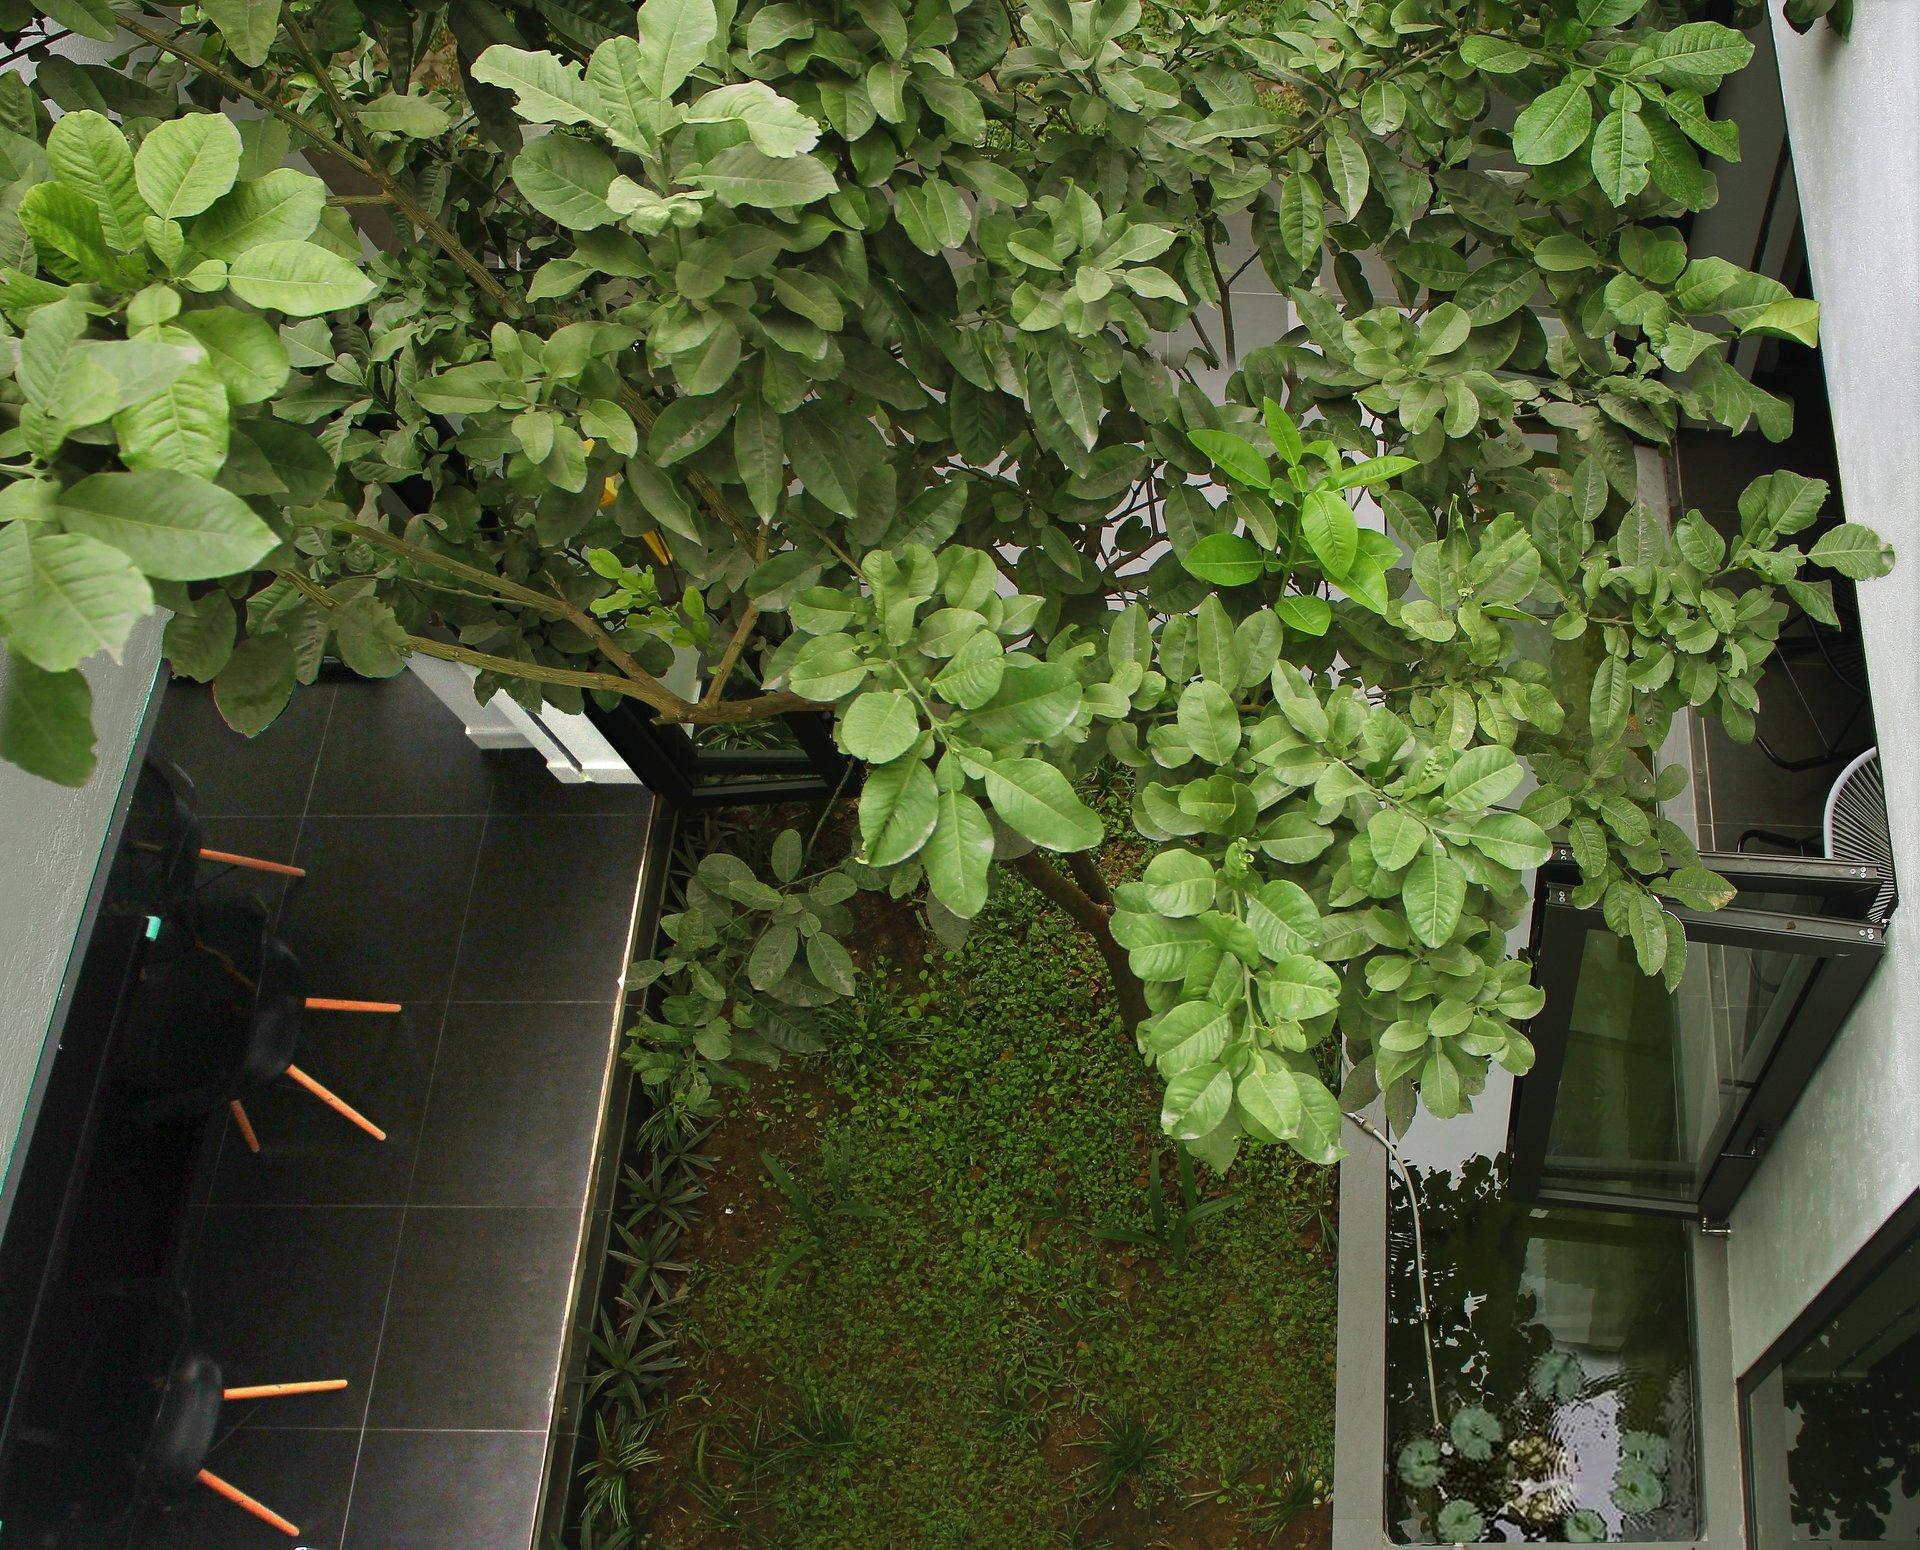 Ngẩn ngơ trước khu vườn bí mật trong ngôi nhà màu trắng ở Hải Phòng-9